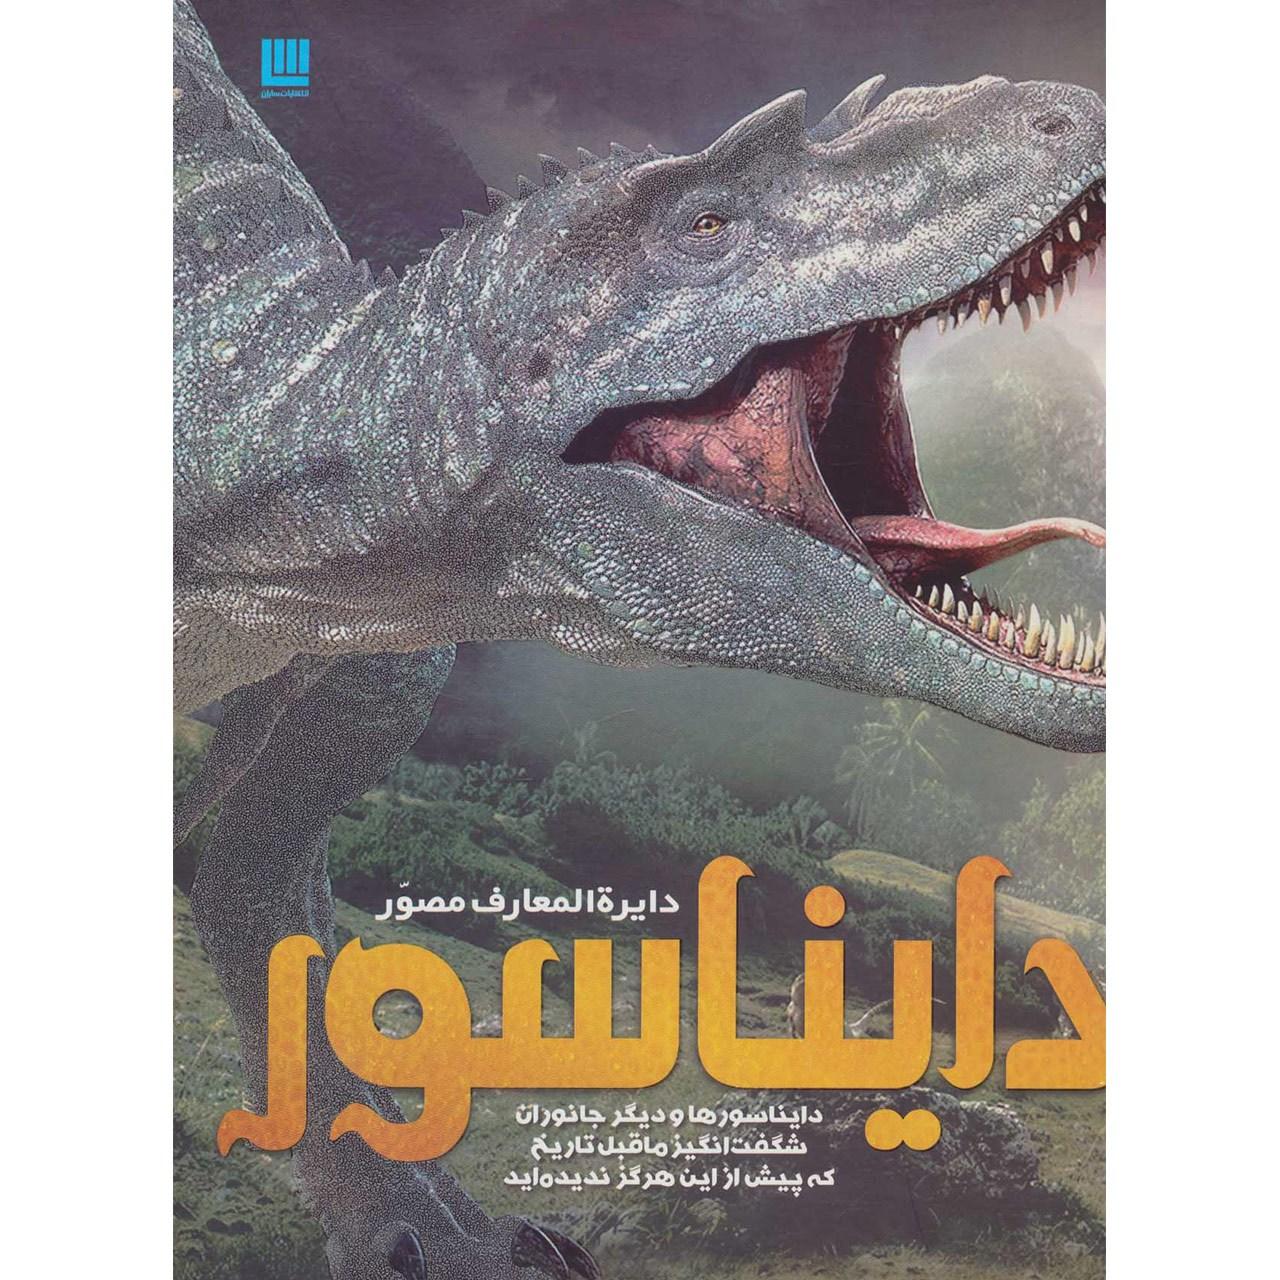 کتاب دایره المعارف مصور دایناسور اثر جان وودوارد